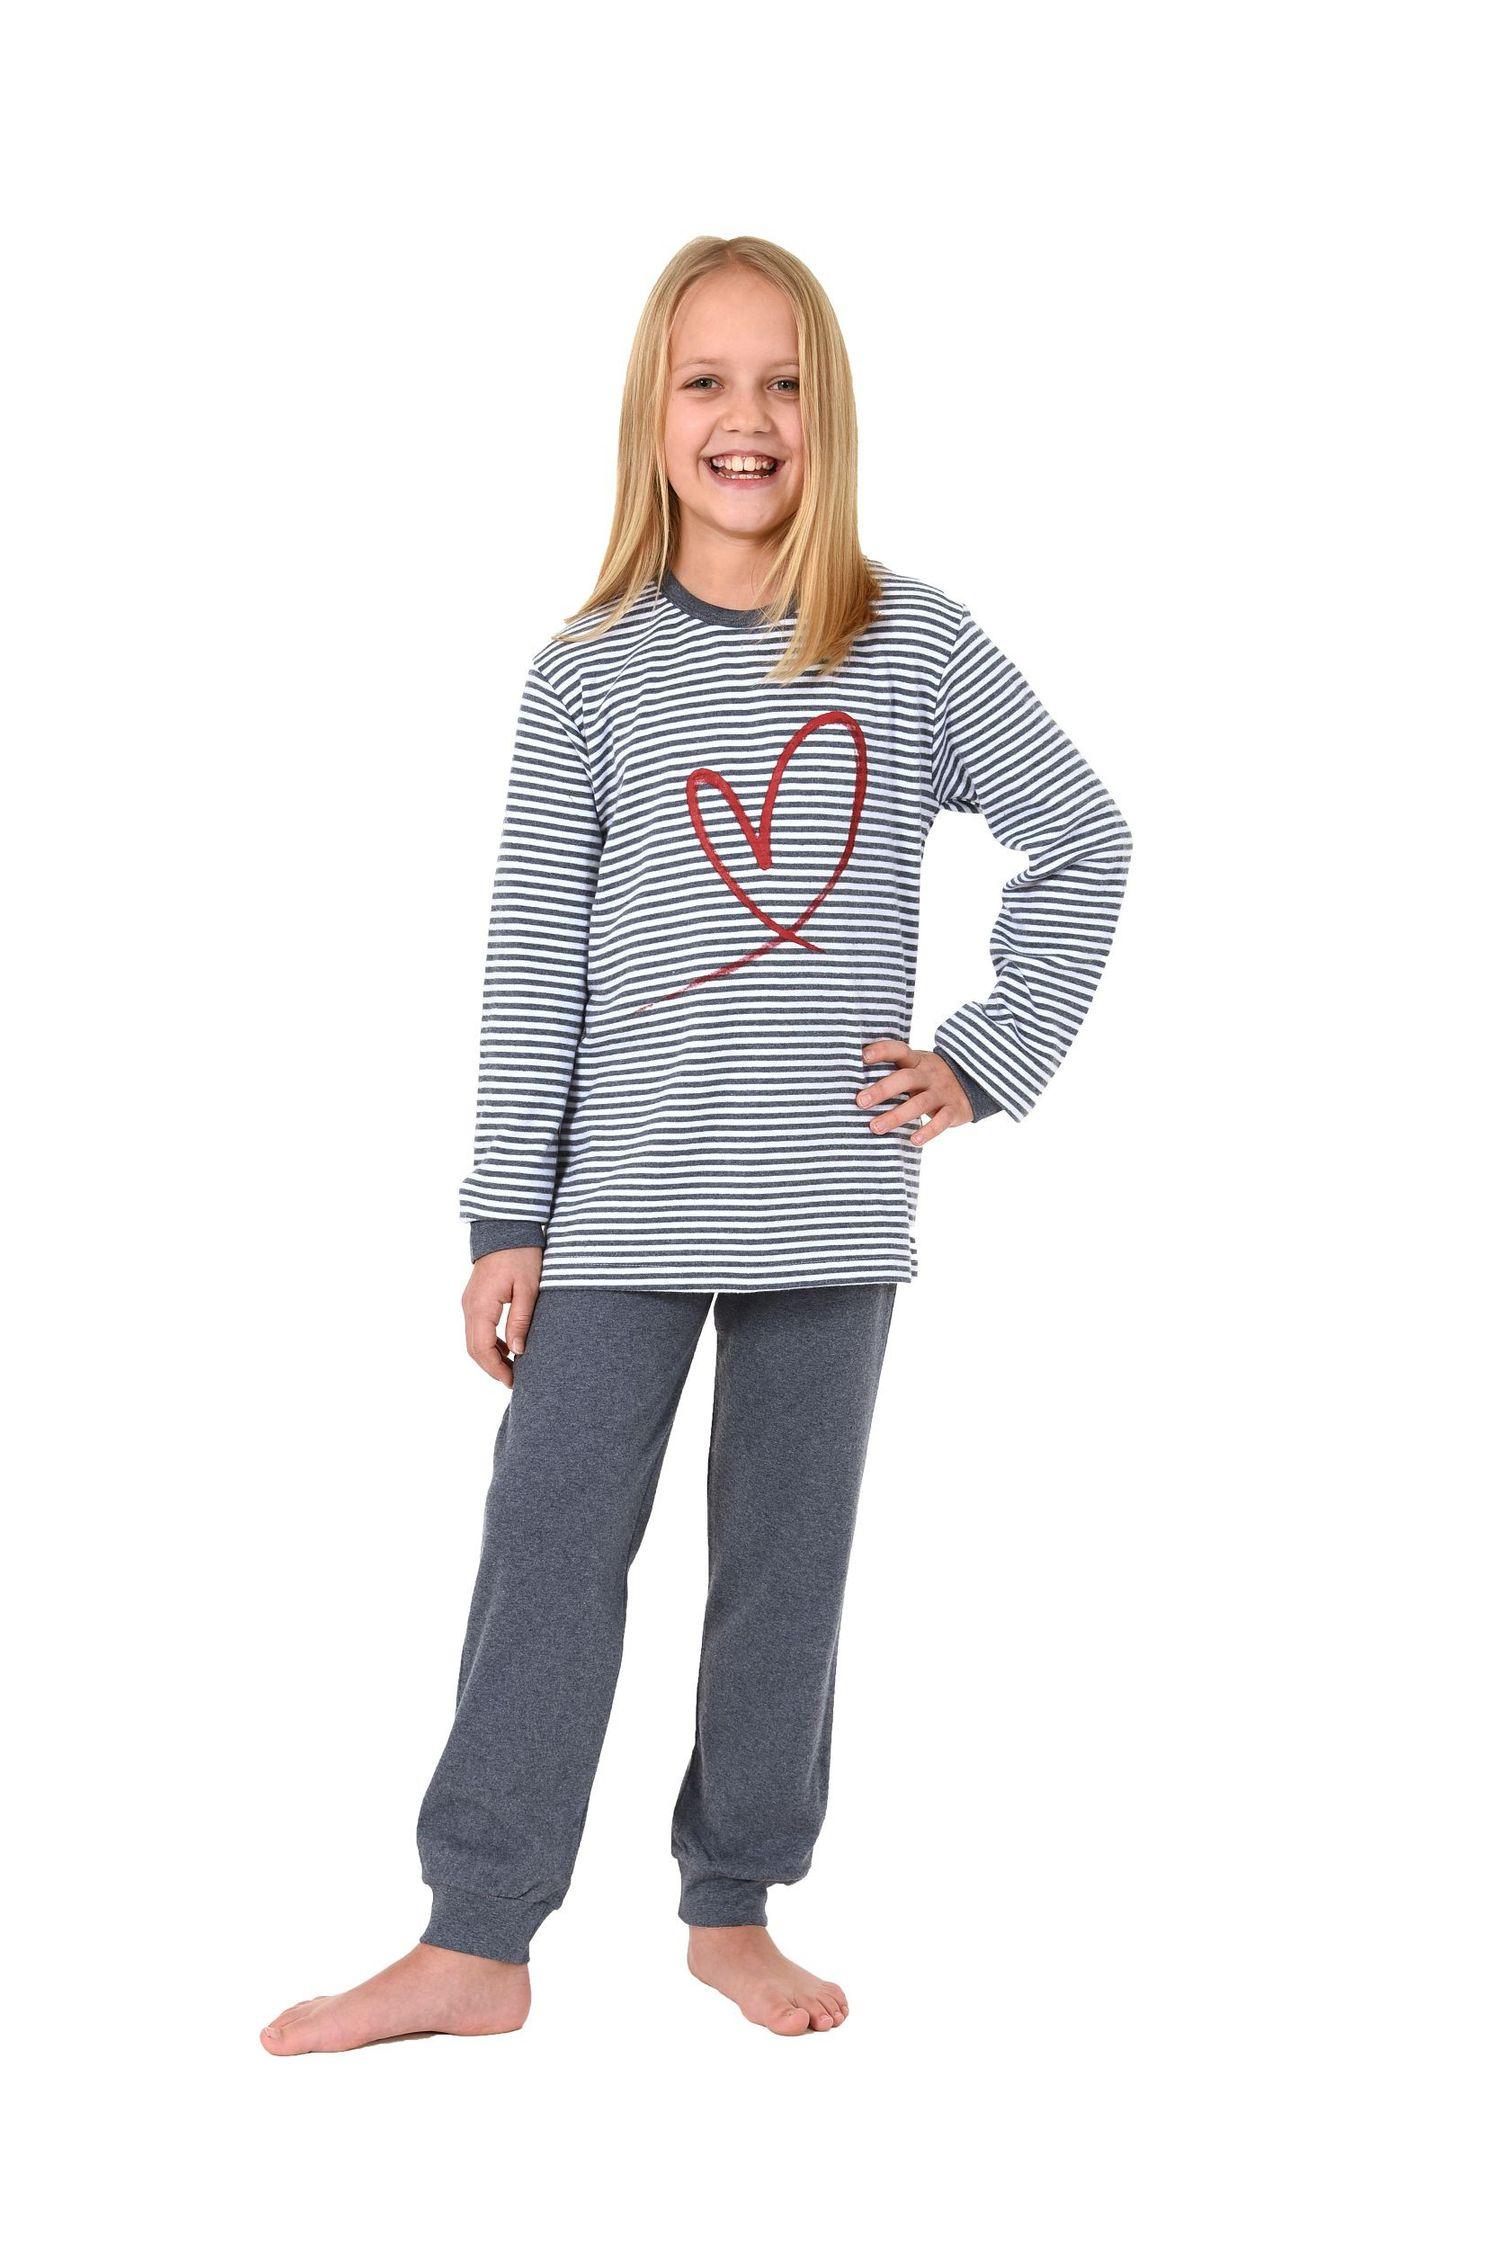 9d7b87c6b4 Kinder Mädchen Pyjama langarm mit Bündchen – kuschelig warm und mit Herz  Motiv